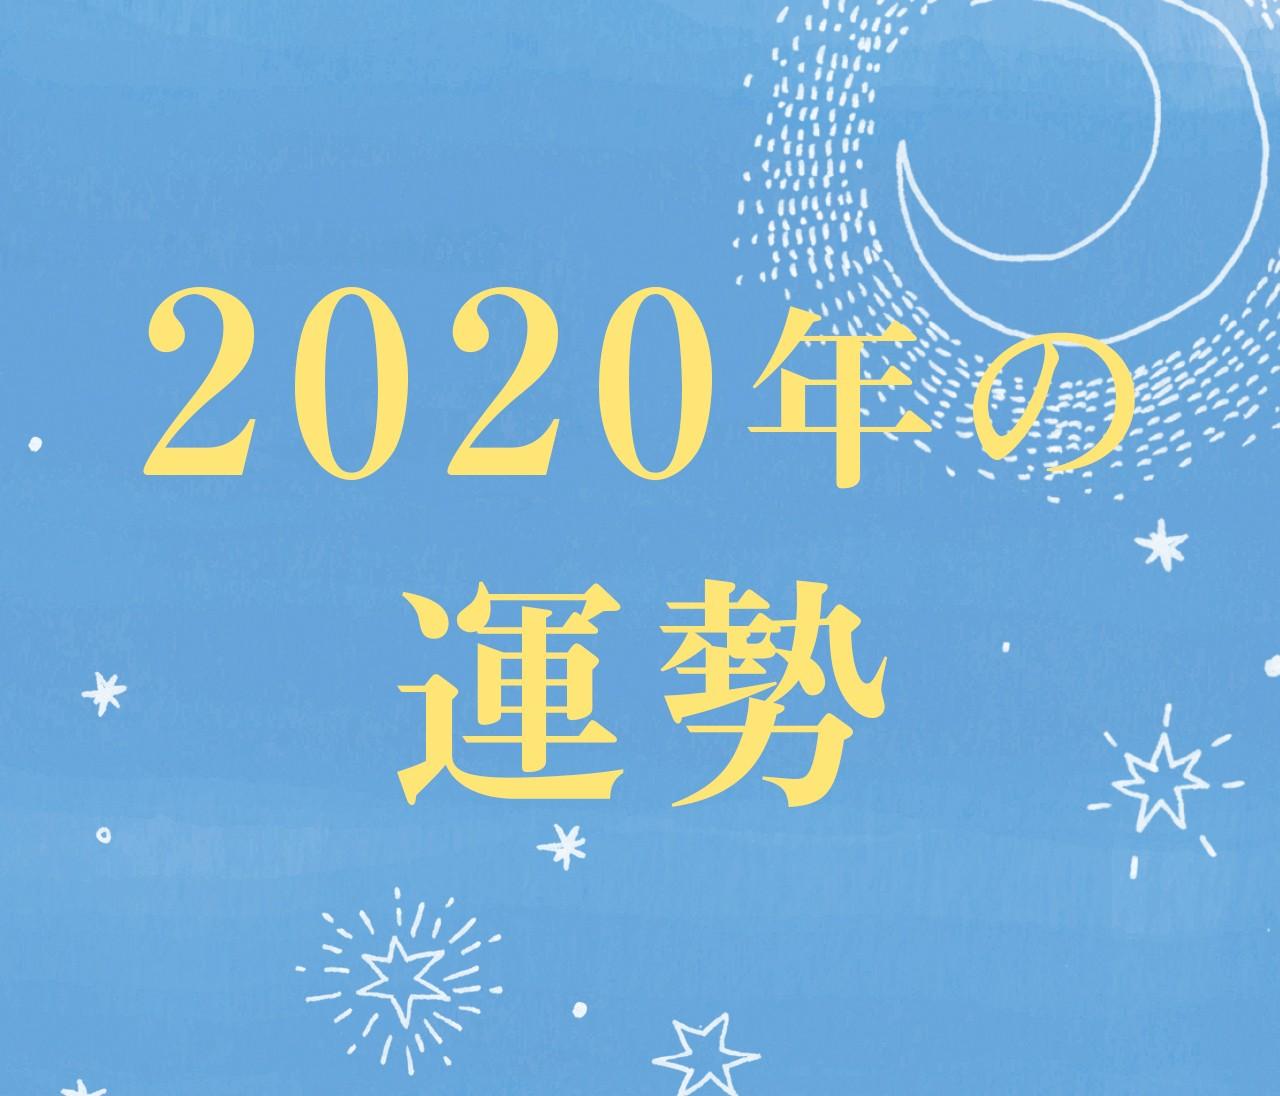 2020年の運勢-開運をつかむヒント-